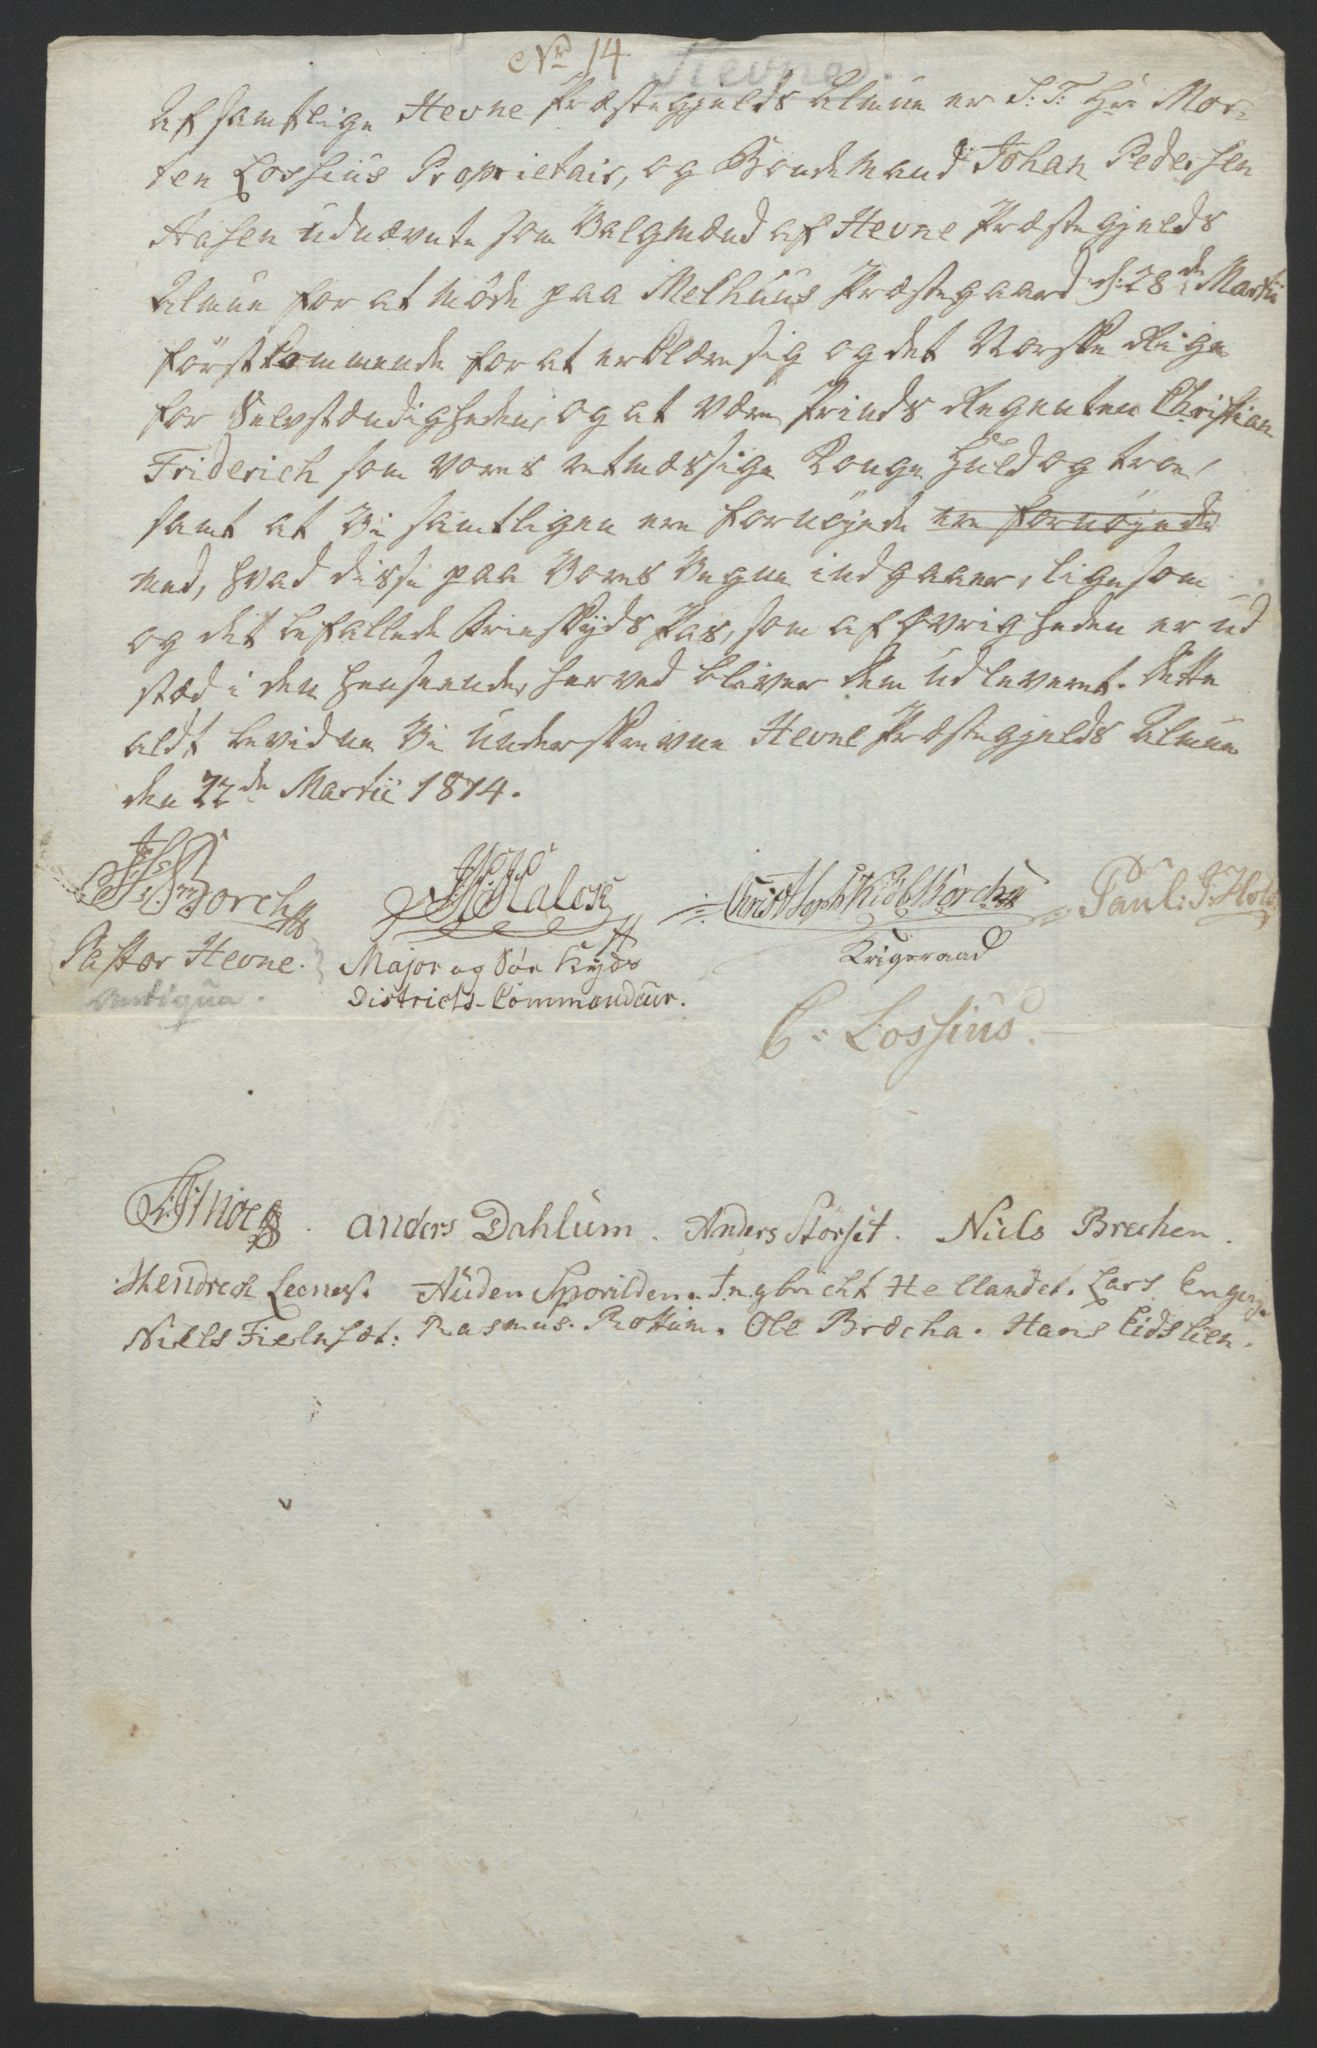 RA, Statsrådssekretariatet, D/Db/L0008: Fullmakter for Eidsvollsrepresentantene i 1814. , 1814, s. 434